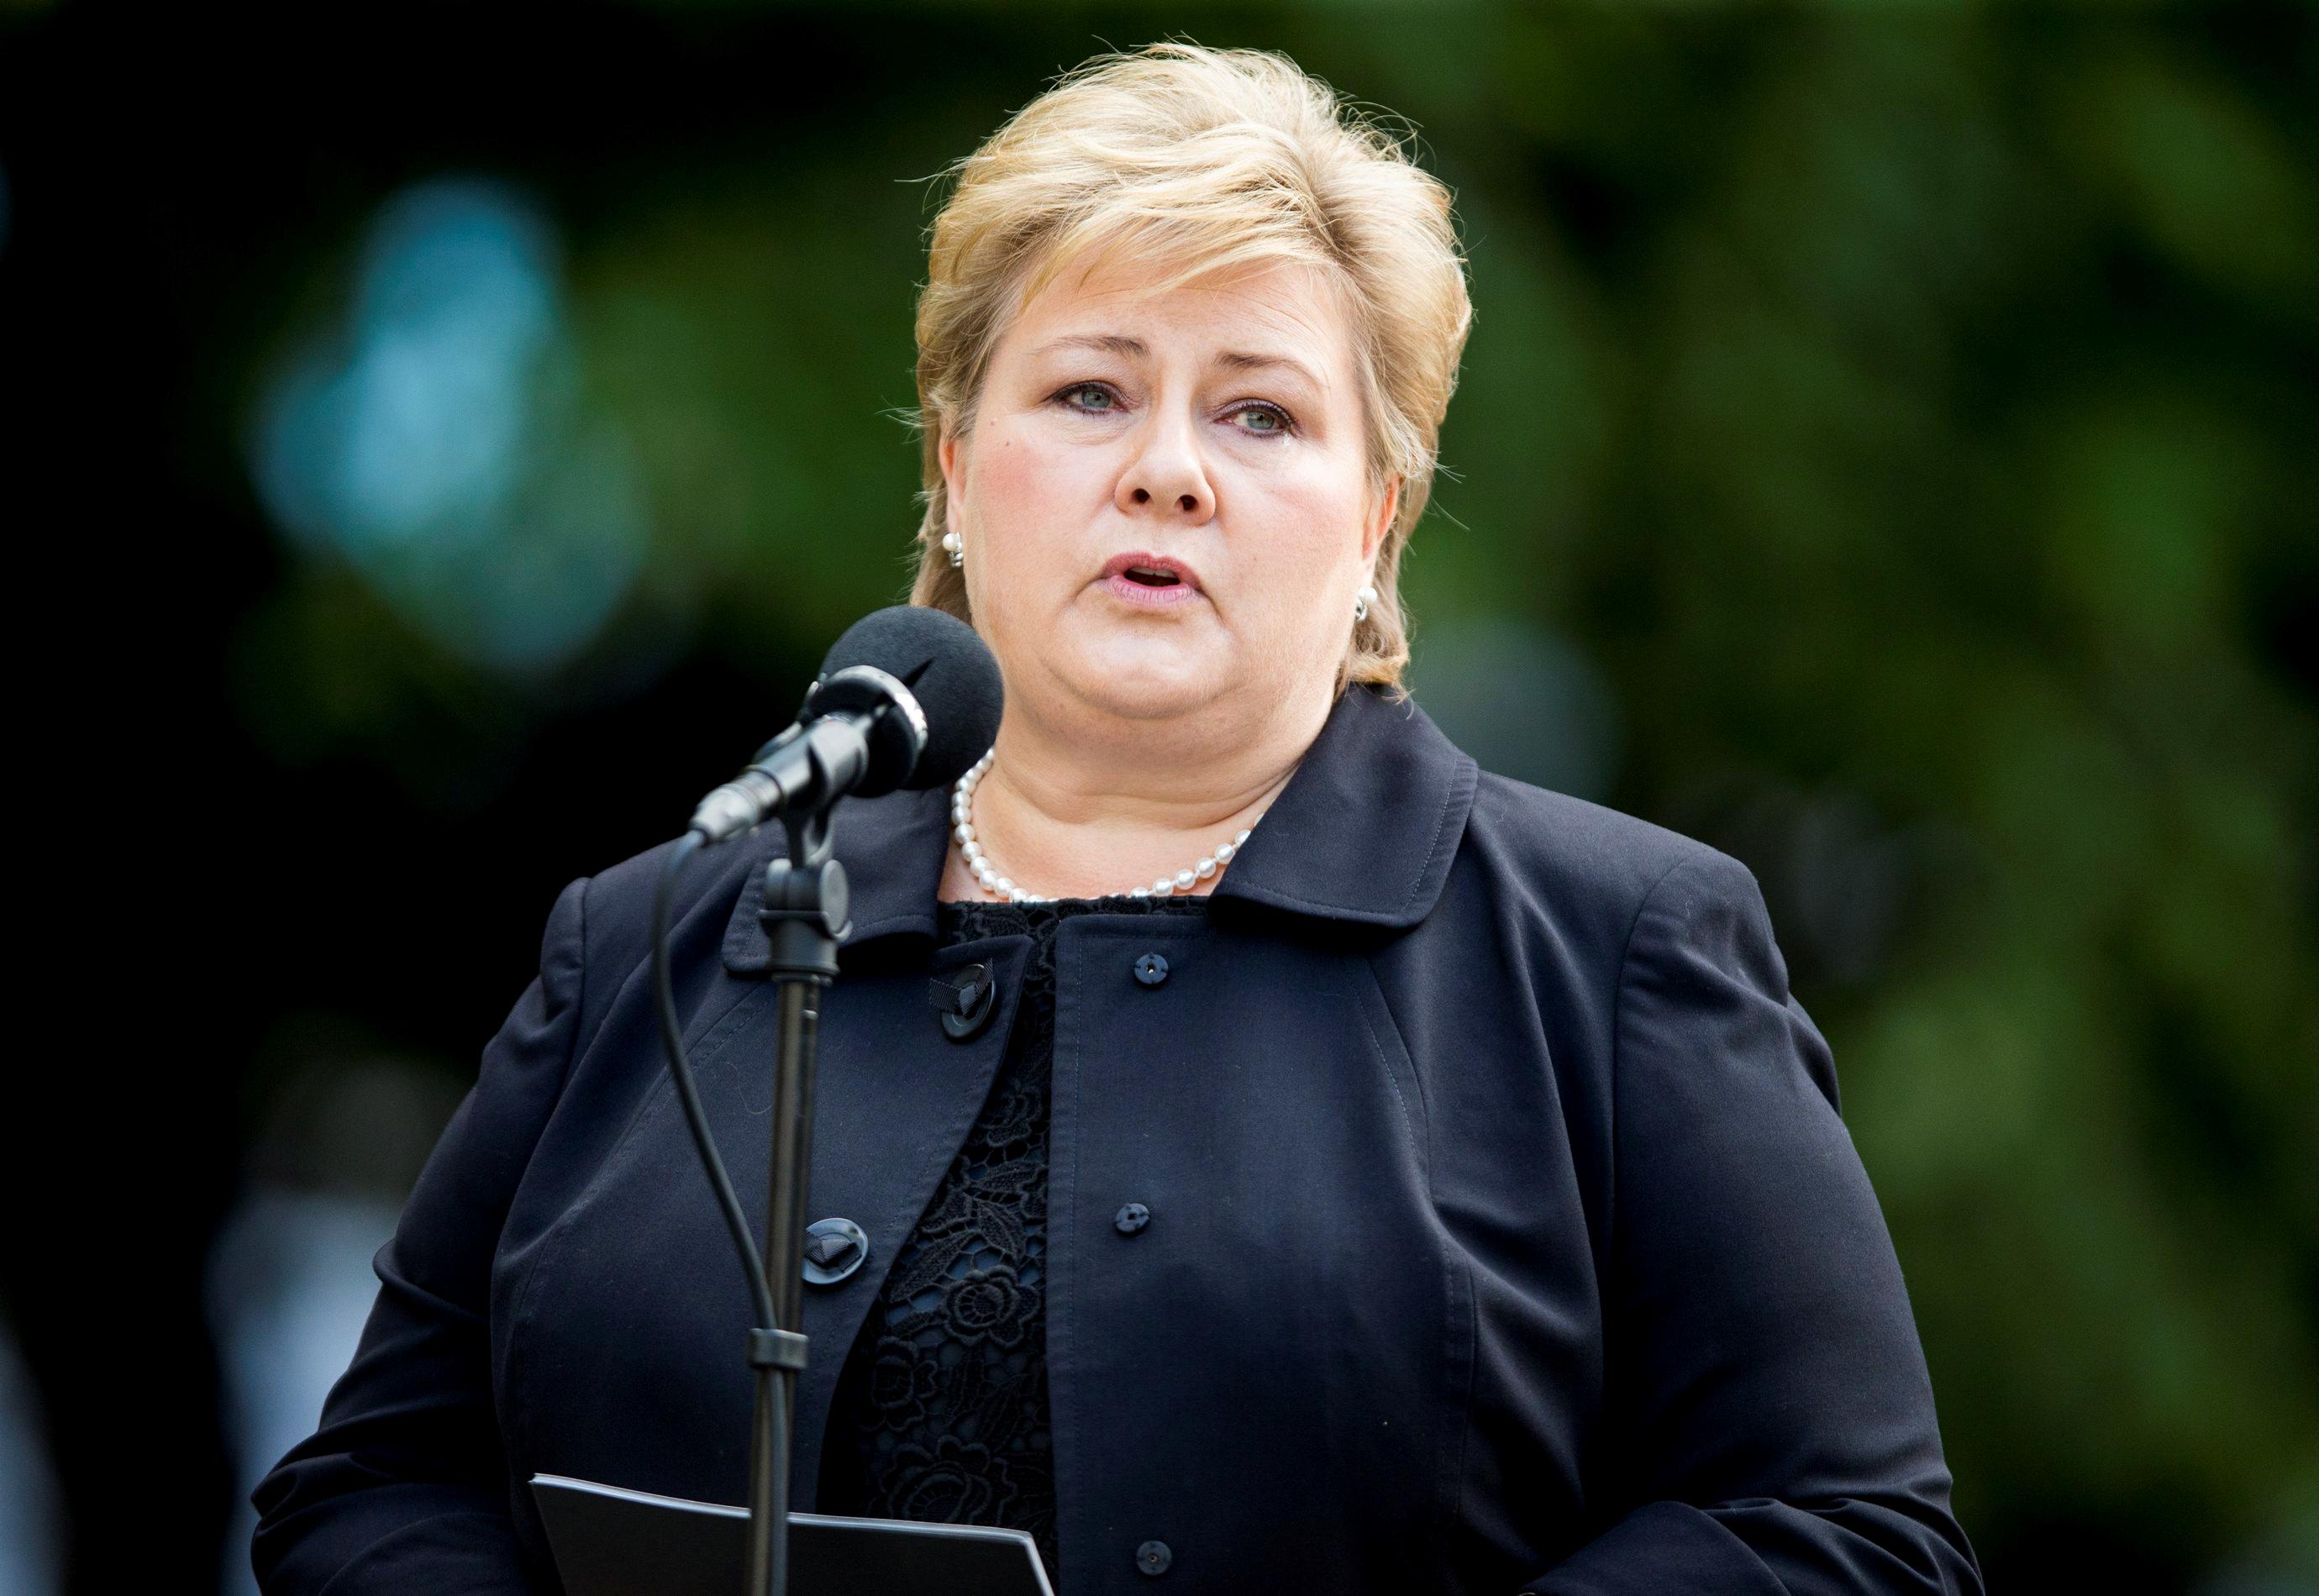 скончался премьер министр норвегии эрна сульберг фото теперь предлагаю перейти